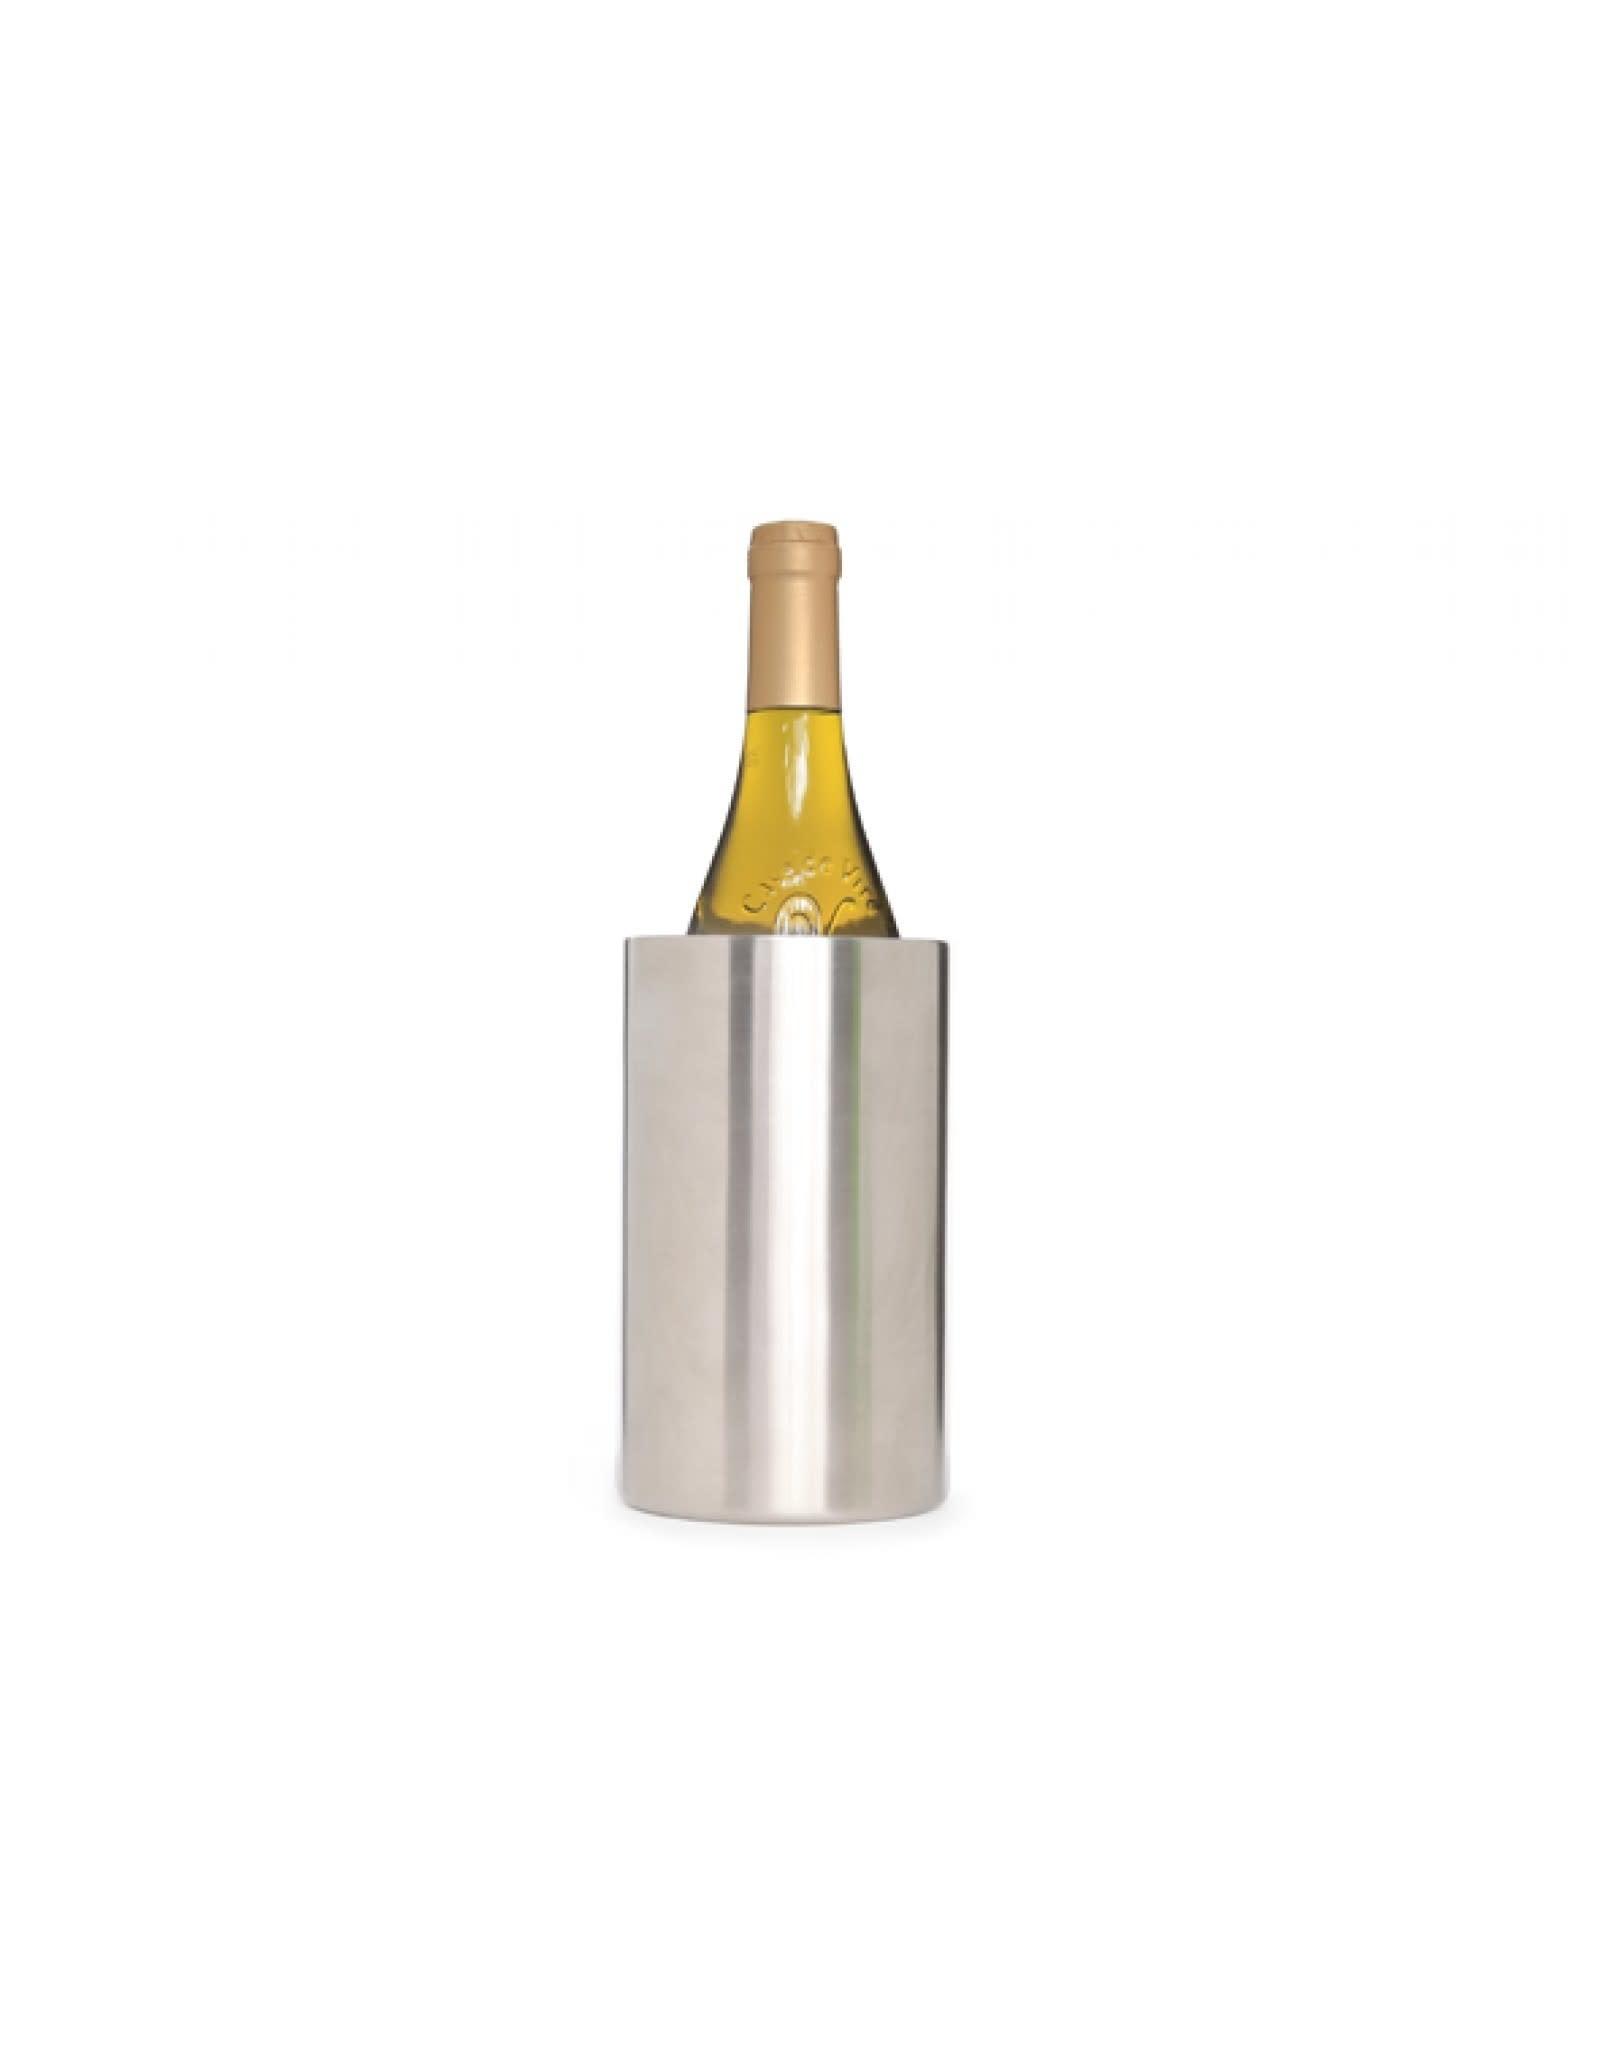 C&T Wijnkoeler mat RVS 9605704